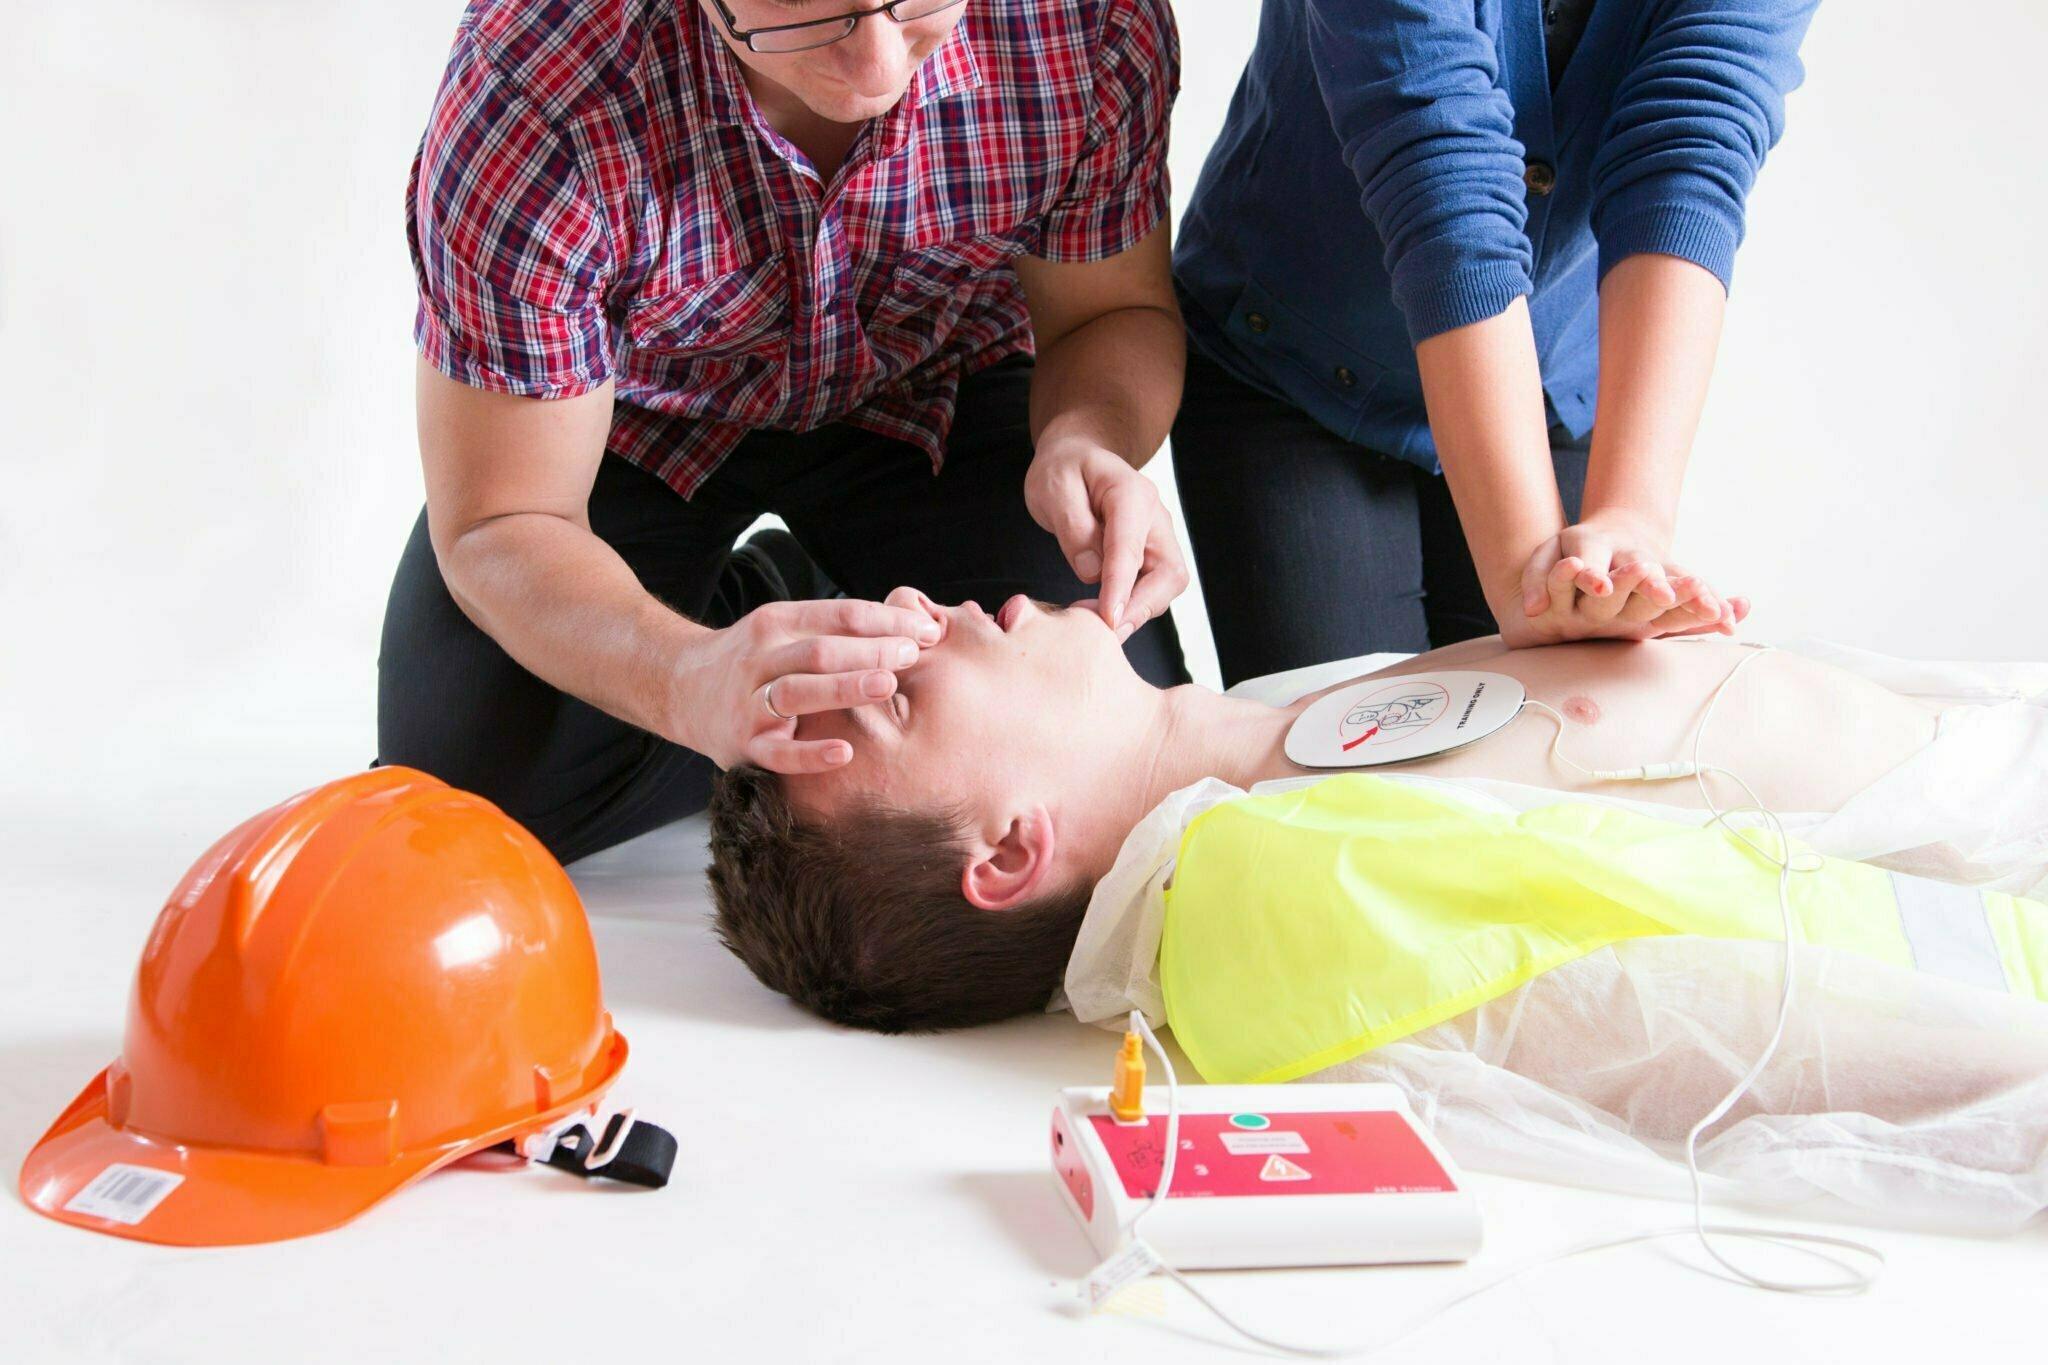 ćwiczenia pacjent nieprzytomny